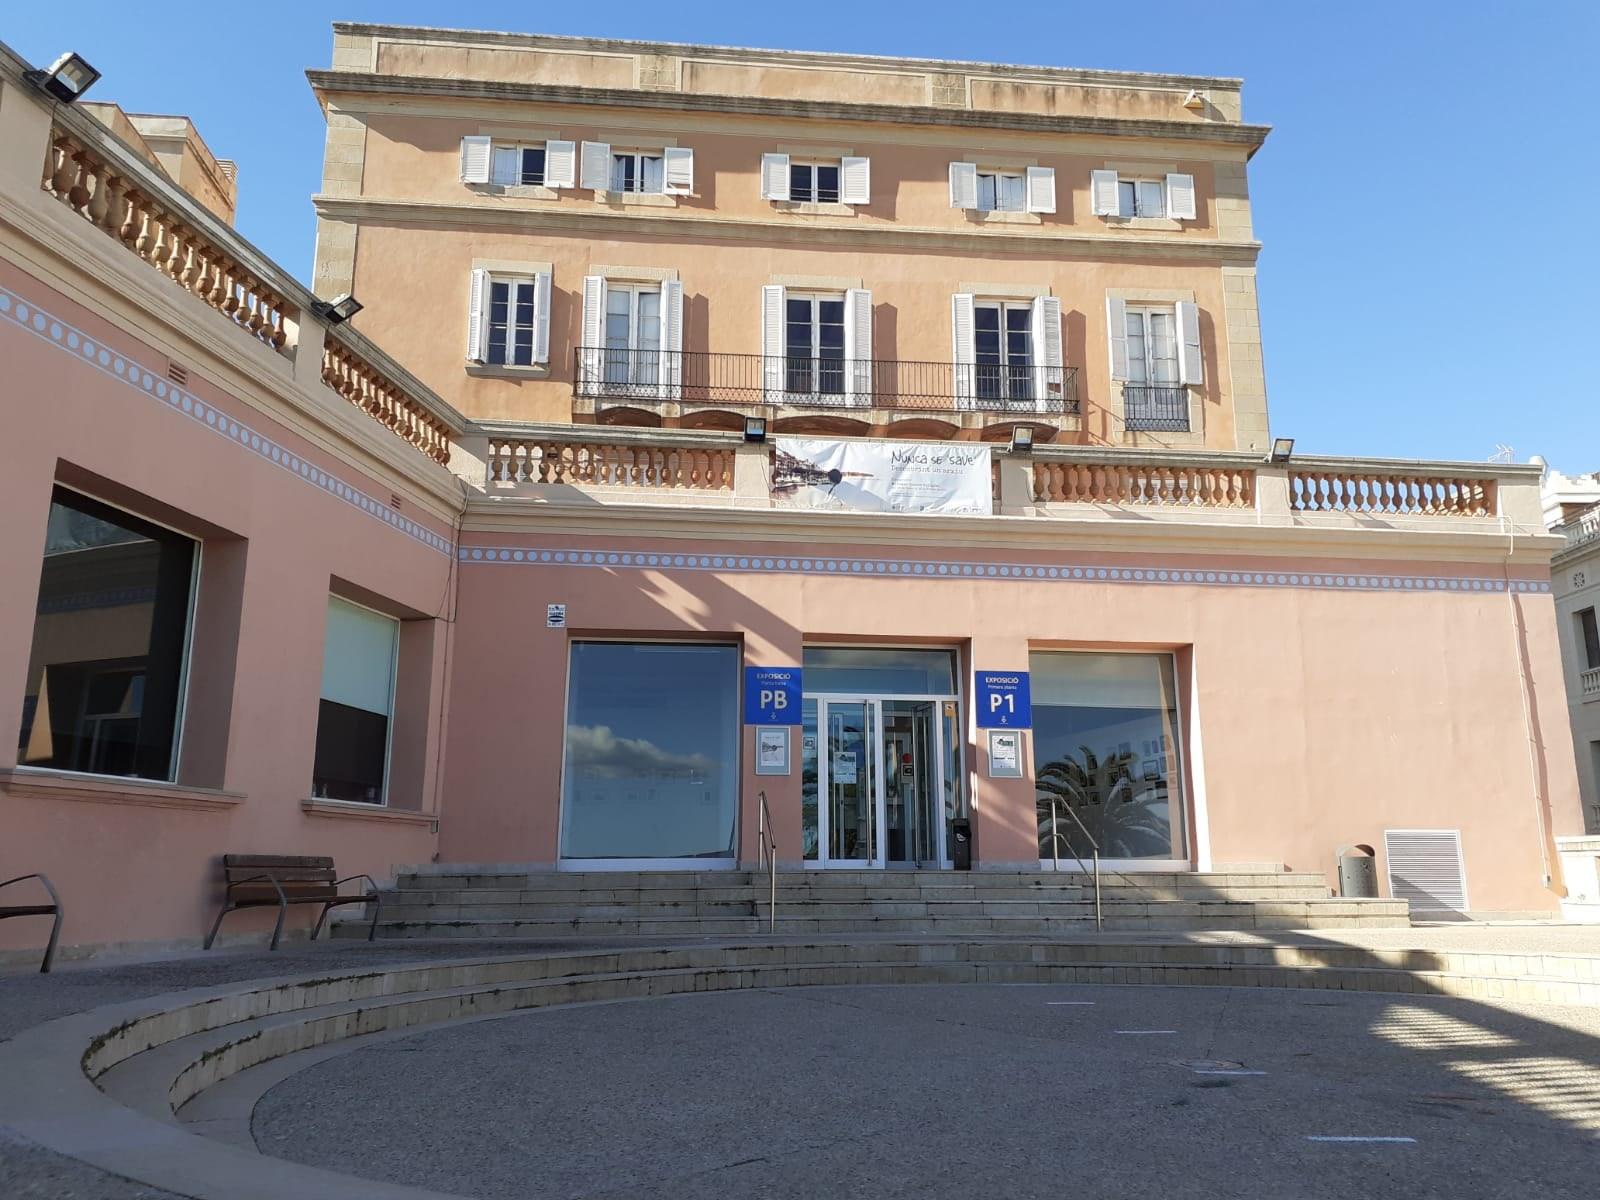 S'obre el termini de presentació de projectes expositius per al 2022 al Miramar-Centre Cultural